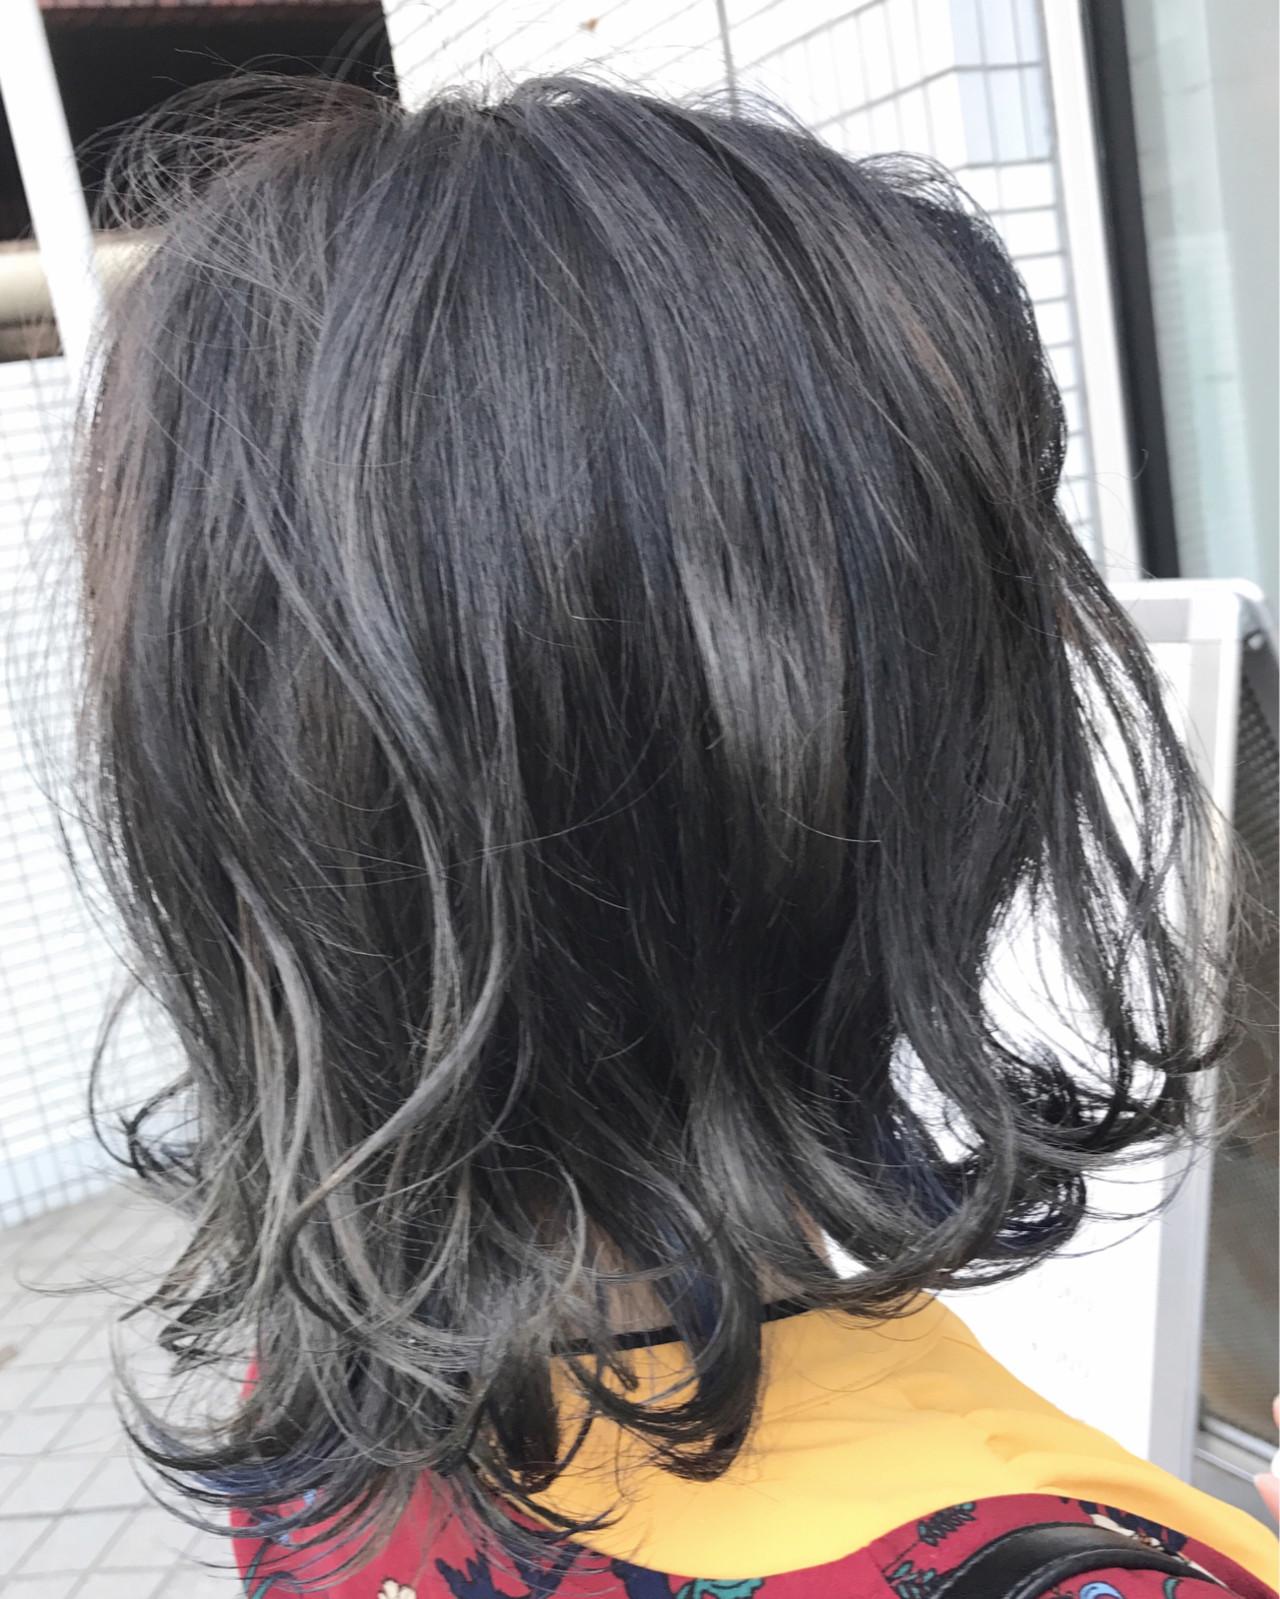 ダブルカラー アッシュ ネイビー ナチュラル ヘアスタイルや髪型の写真・画像